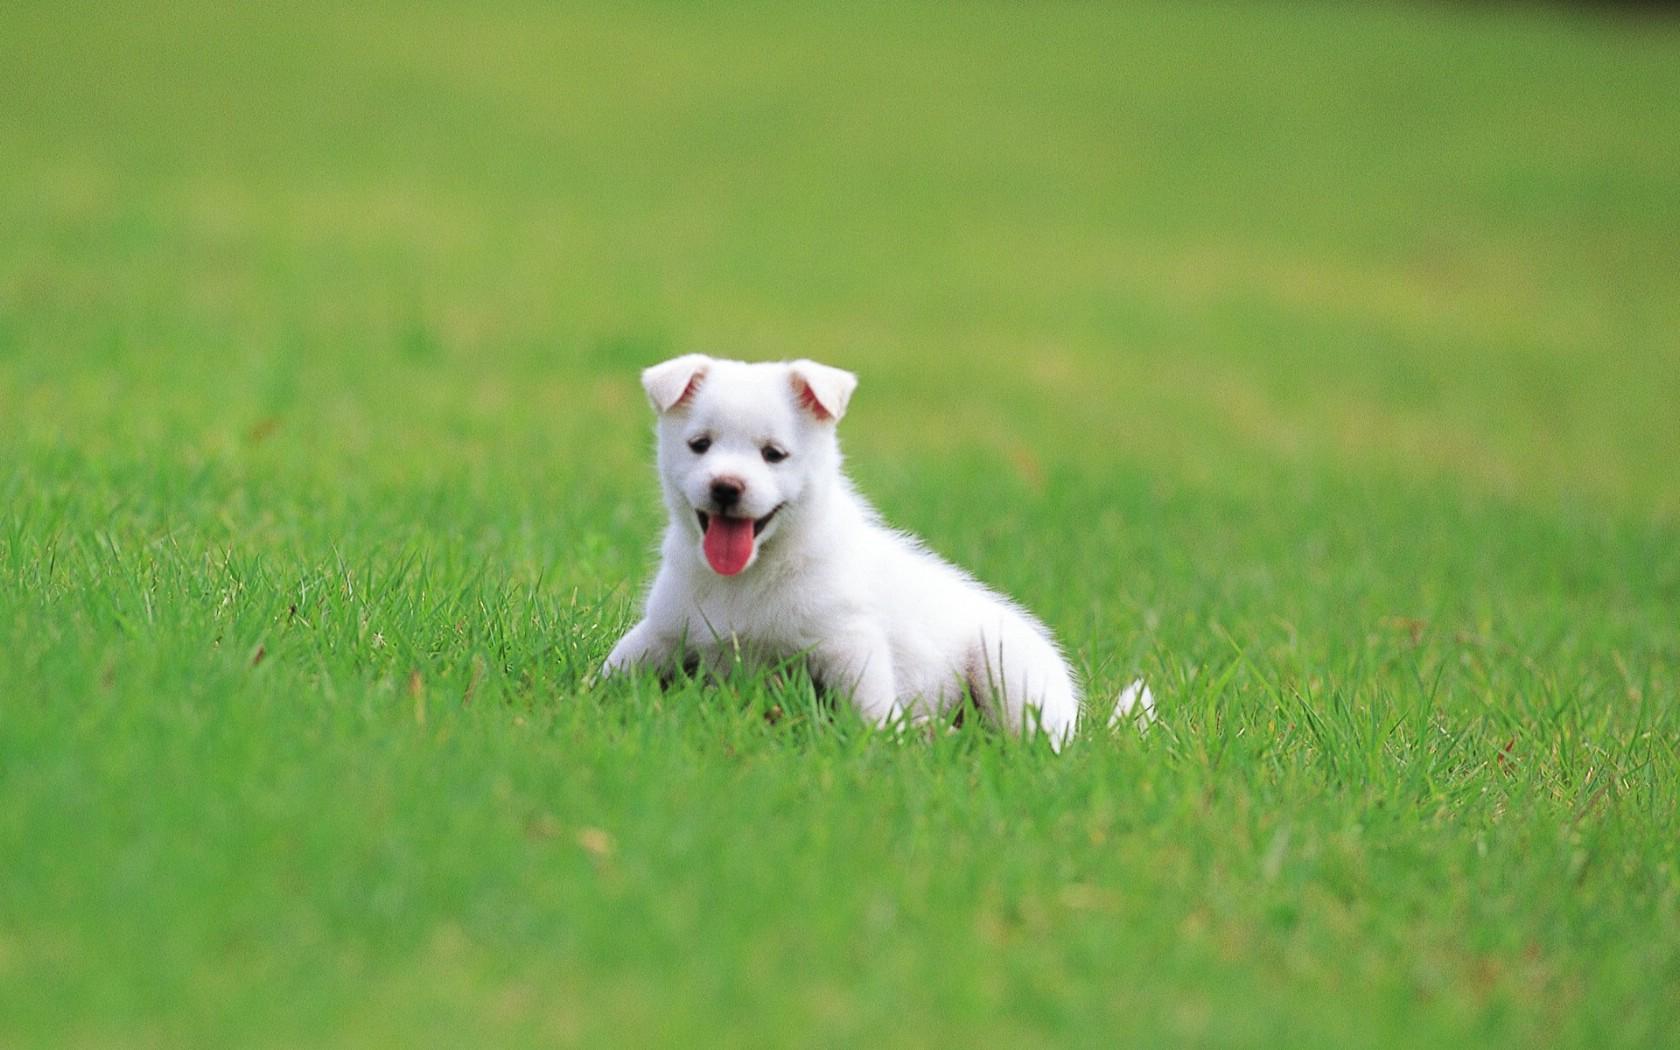 壁纸1680×1050可爱小狗狗壁纸